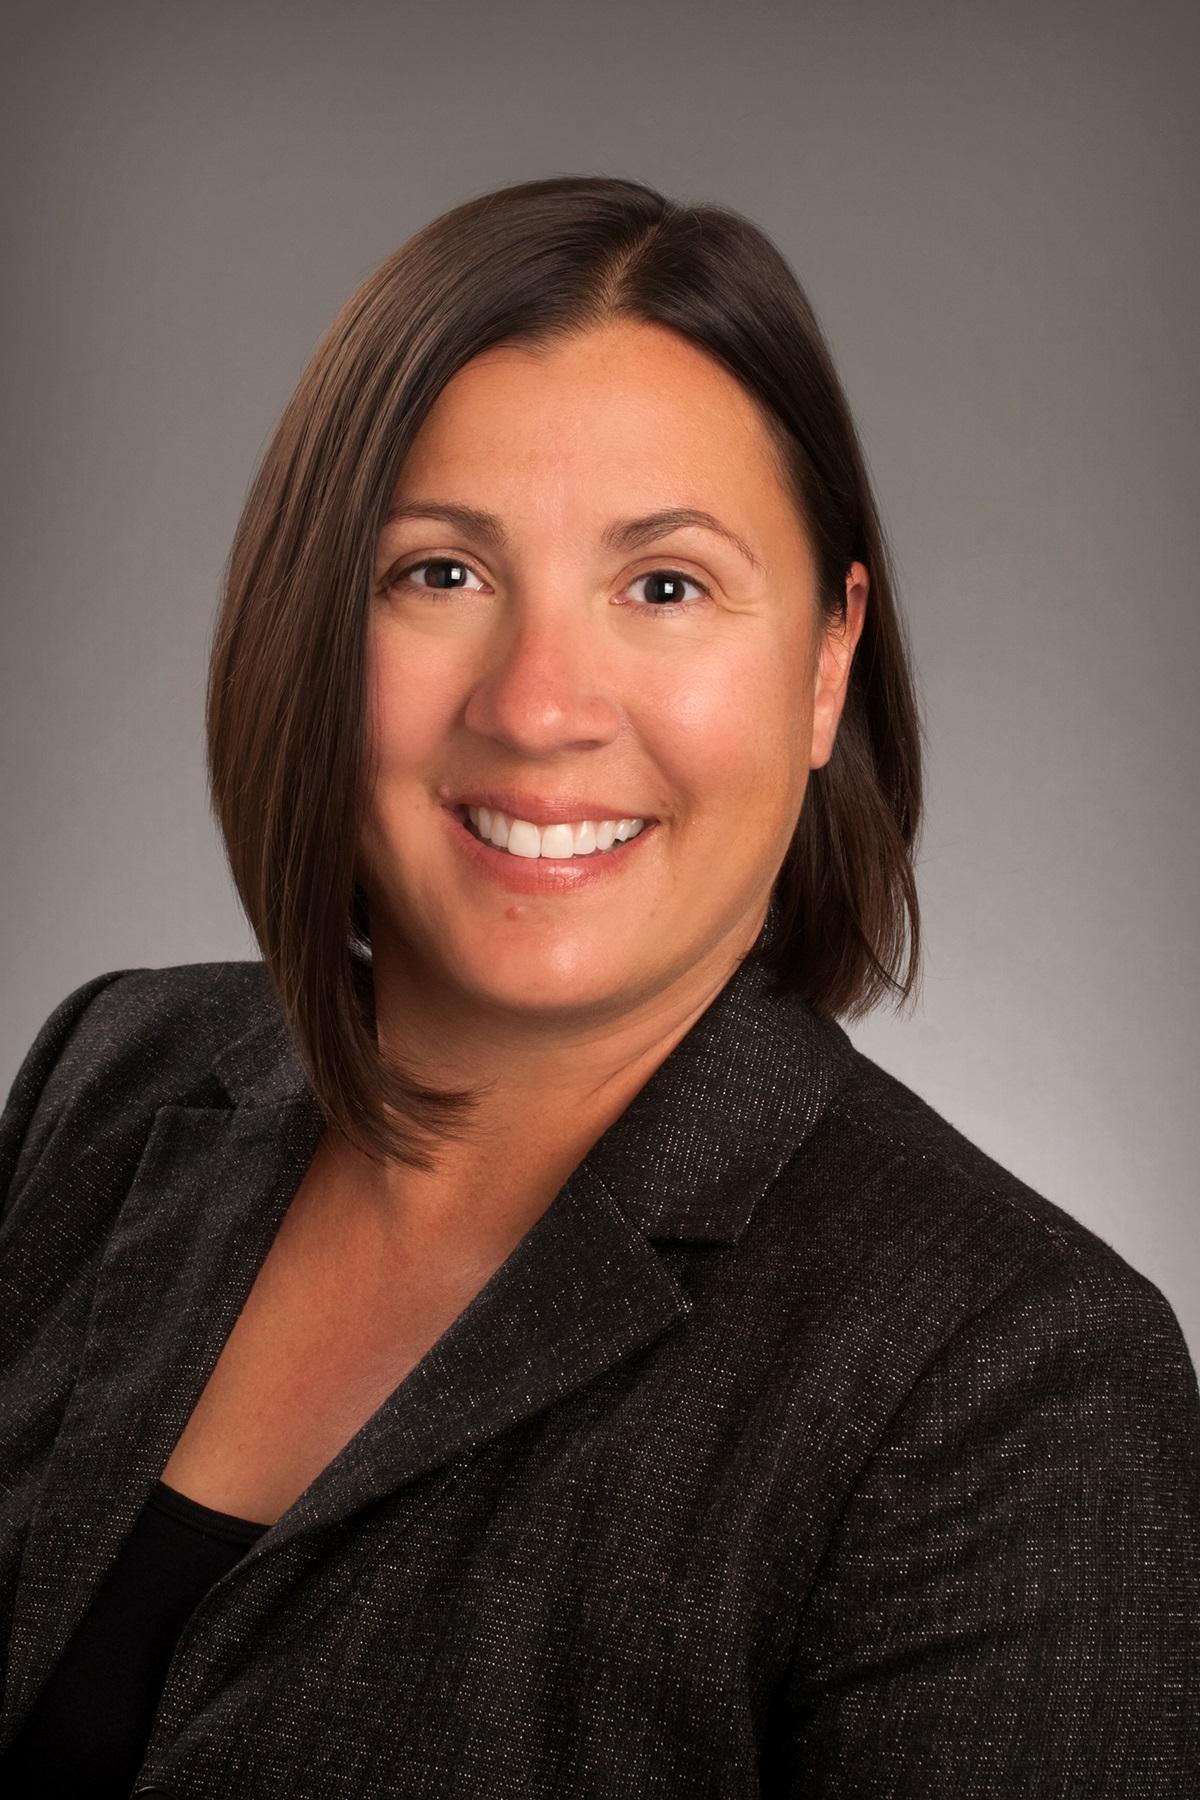 Visit Profile of Lisa Meierotto